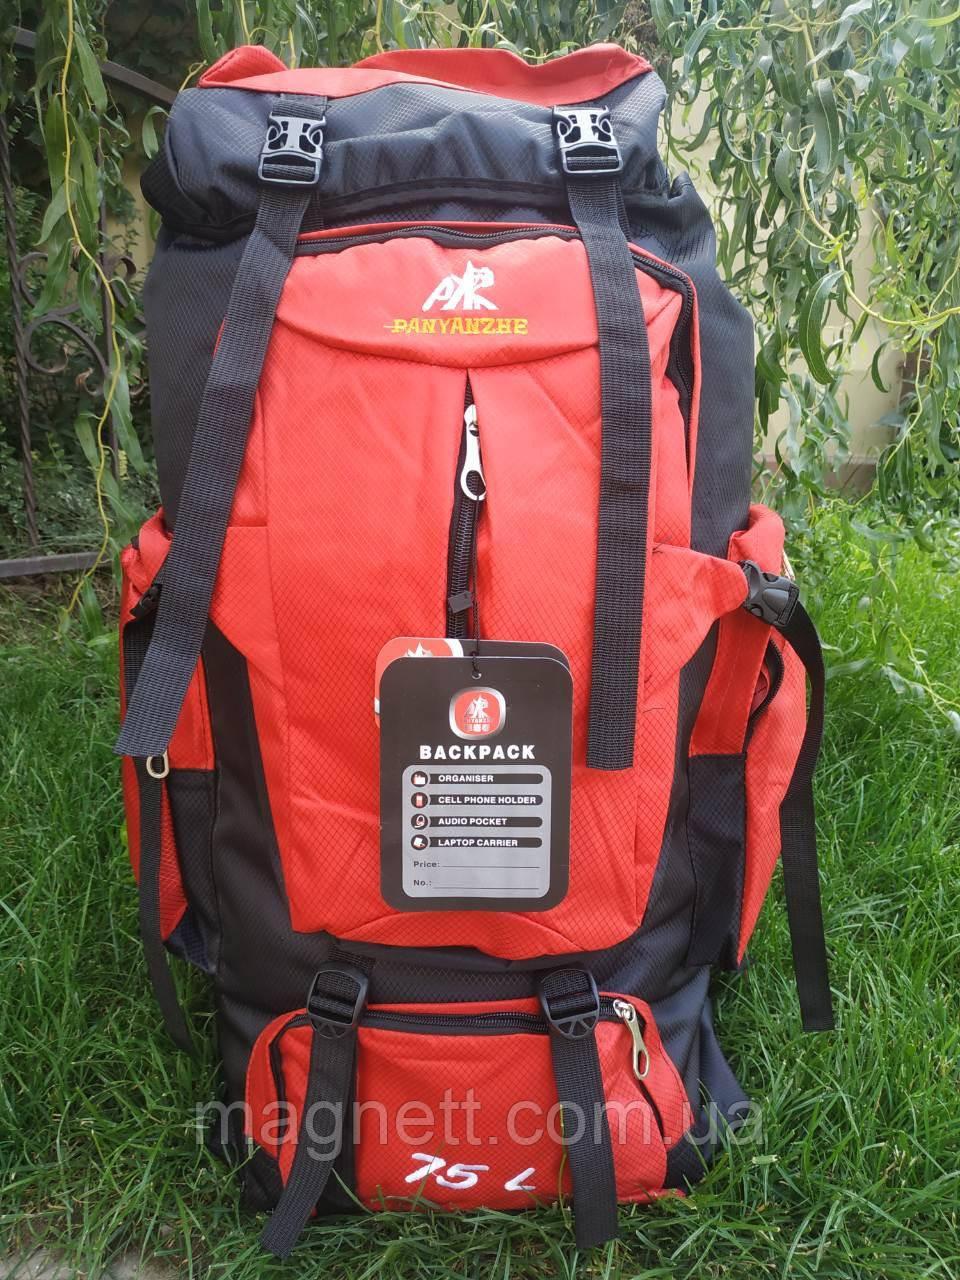 Туристический, городской, дорожный рюкзак PANYANZHE 75 литров (красный)